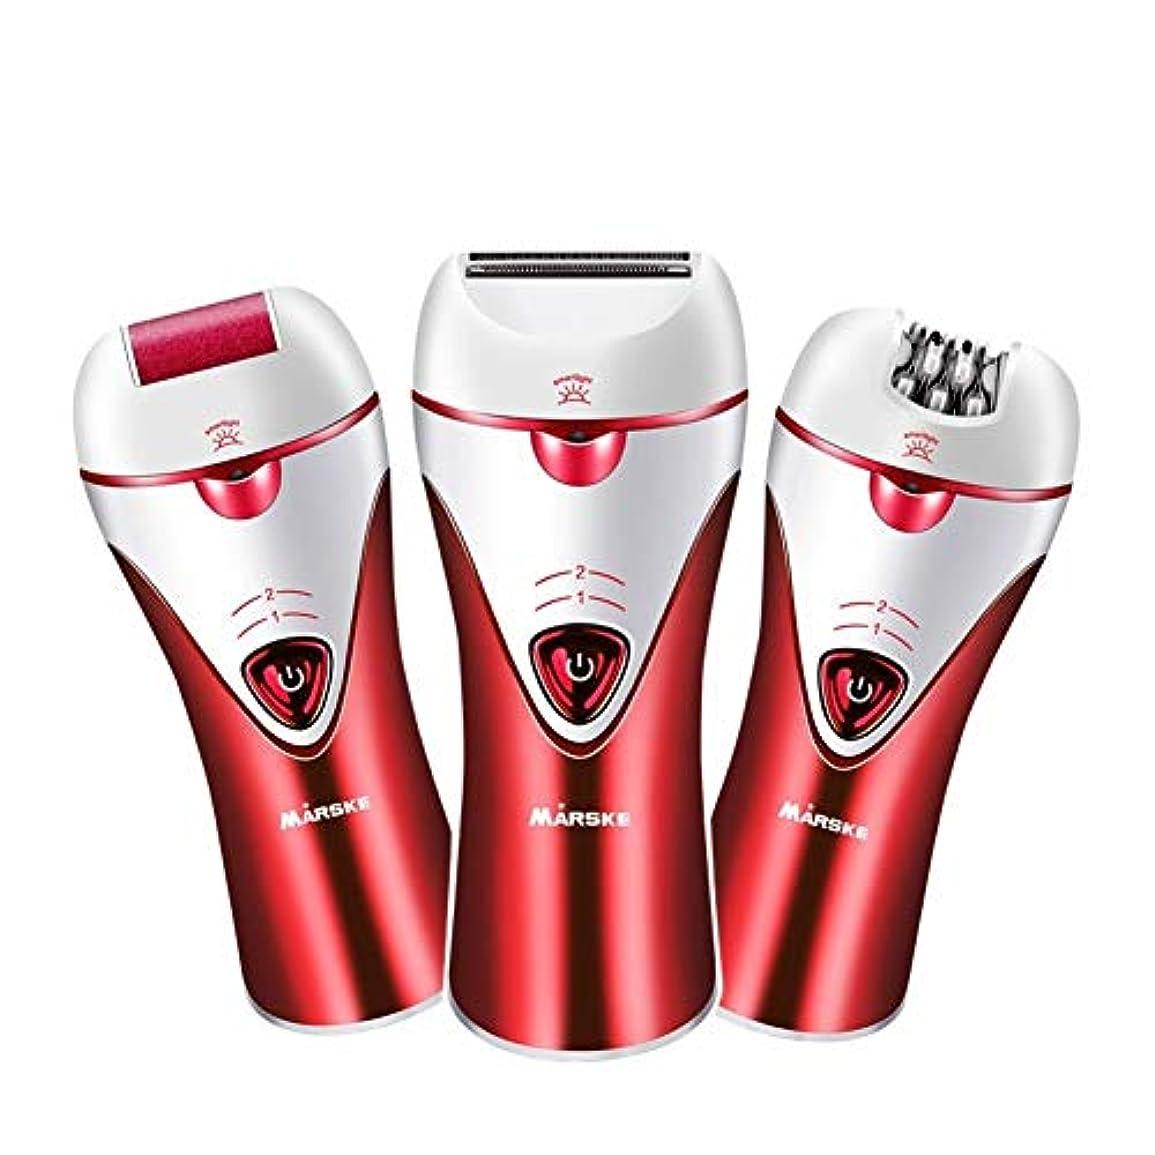 十分に補充化学薬品Trliy- 充電式電動脱毛器、女性のための痛みのない快適さスキンケア脱毛ツール浴室ウェットとドライ脱毛器 (Color : Red)